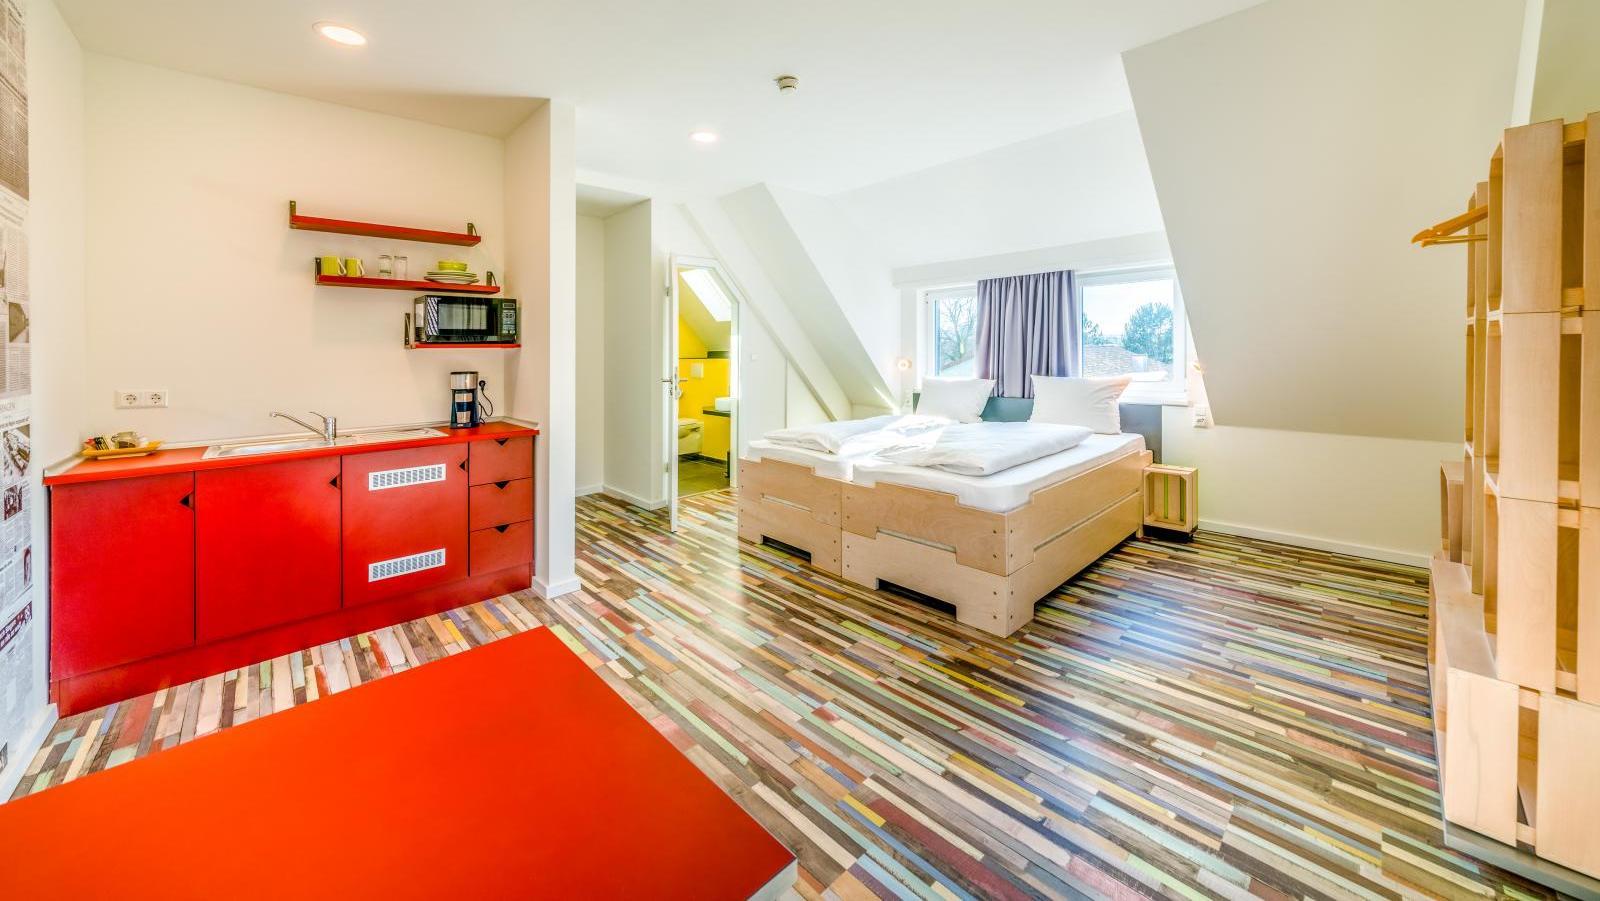 Das Hostel Art & Style eingerichtete Zimmer